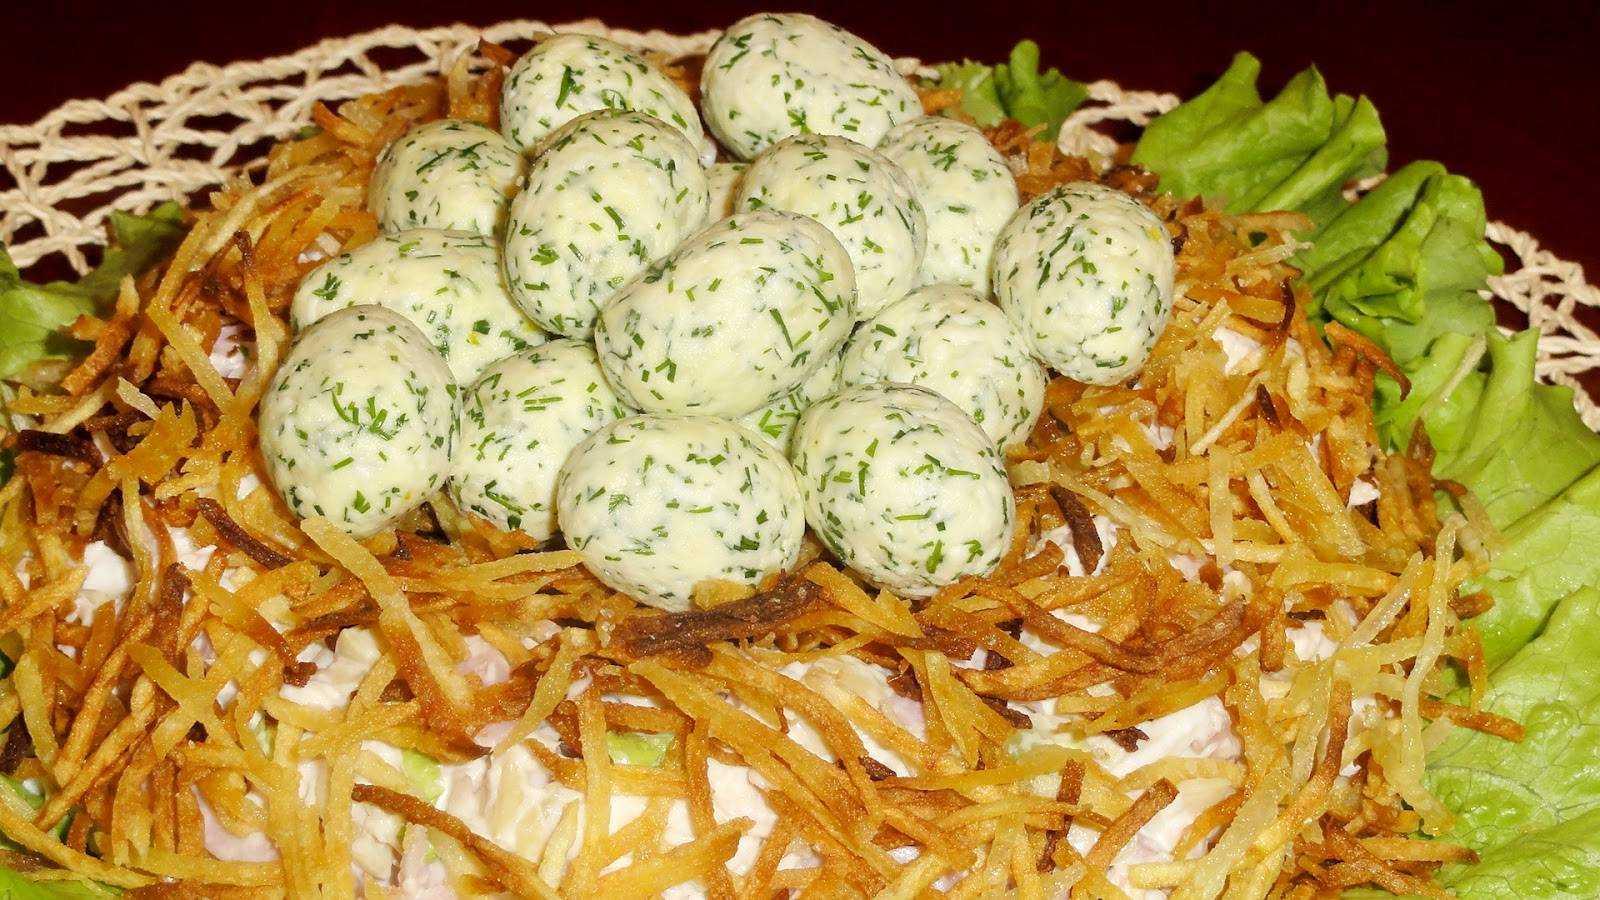 6 классных рецептов салата «гнездо глухаря»: от классики к экспериментам - будет вкусно! - медиаплатформа миртесен